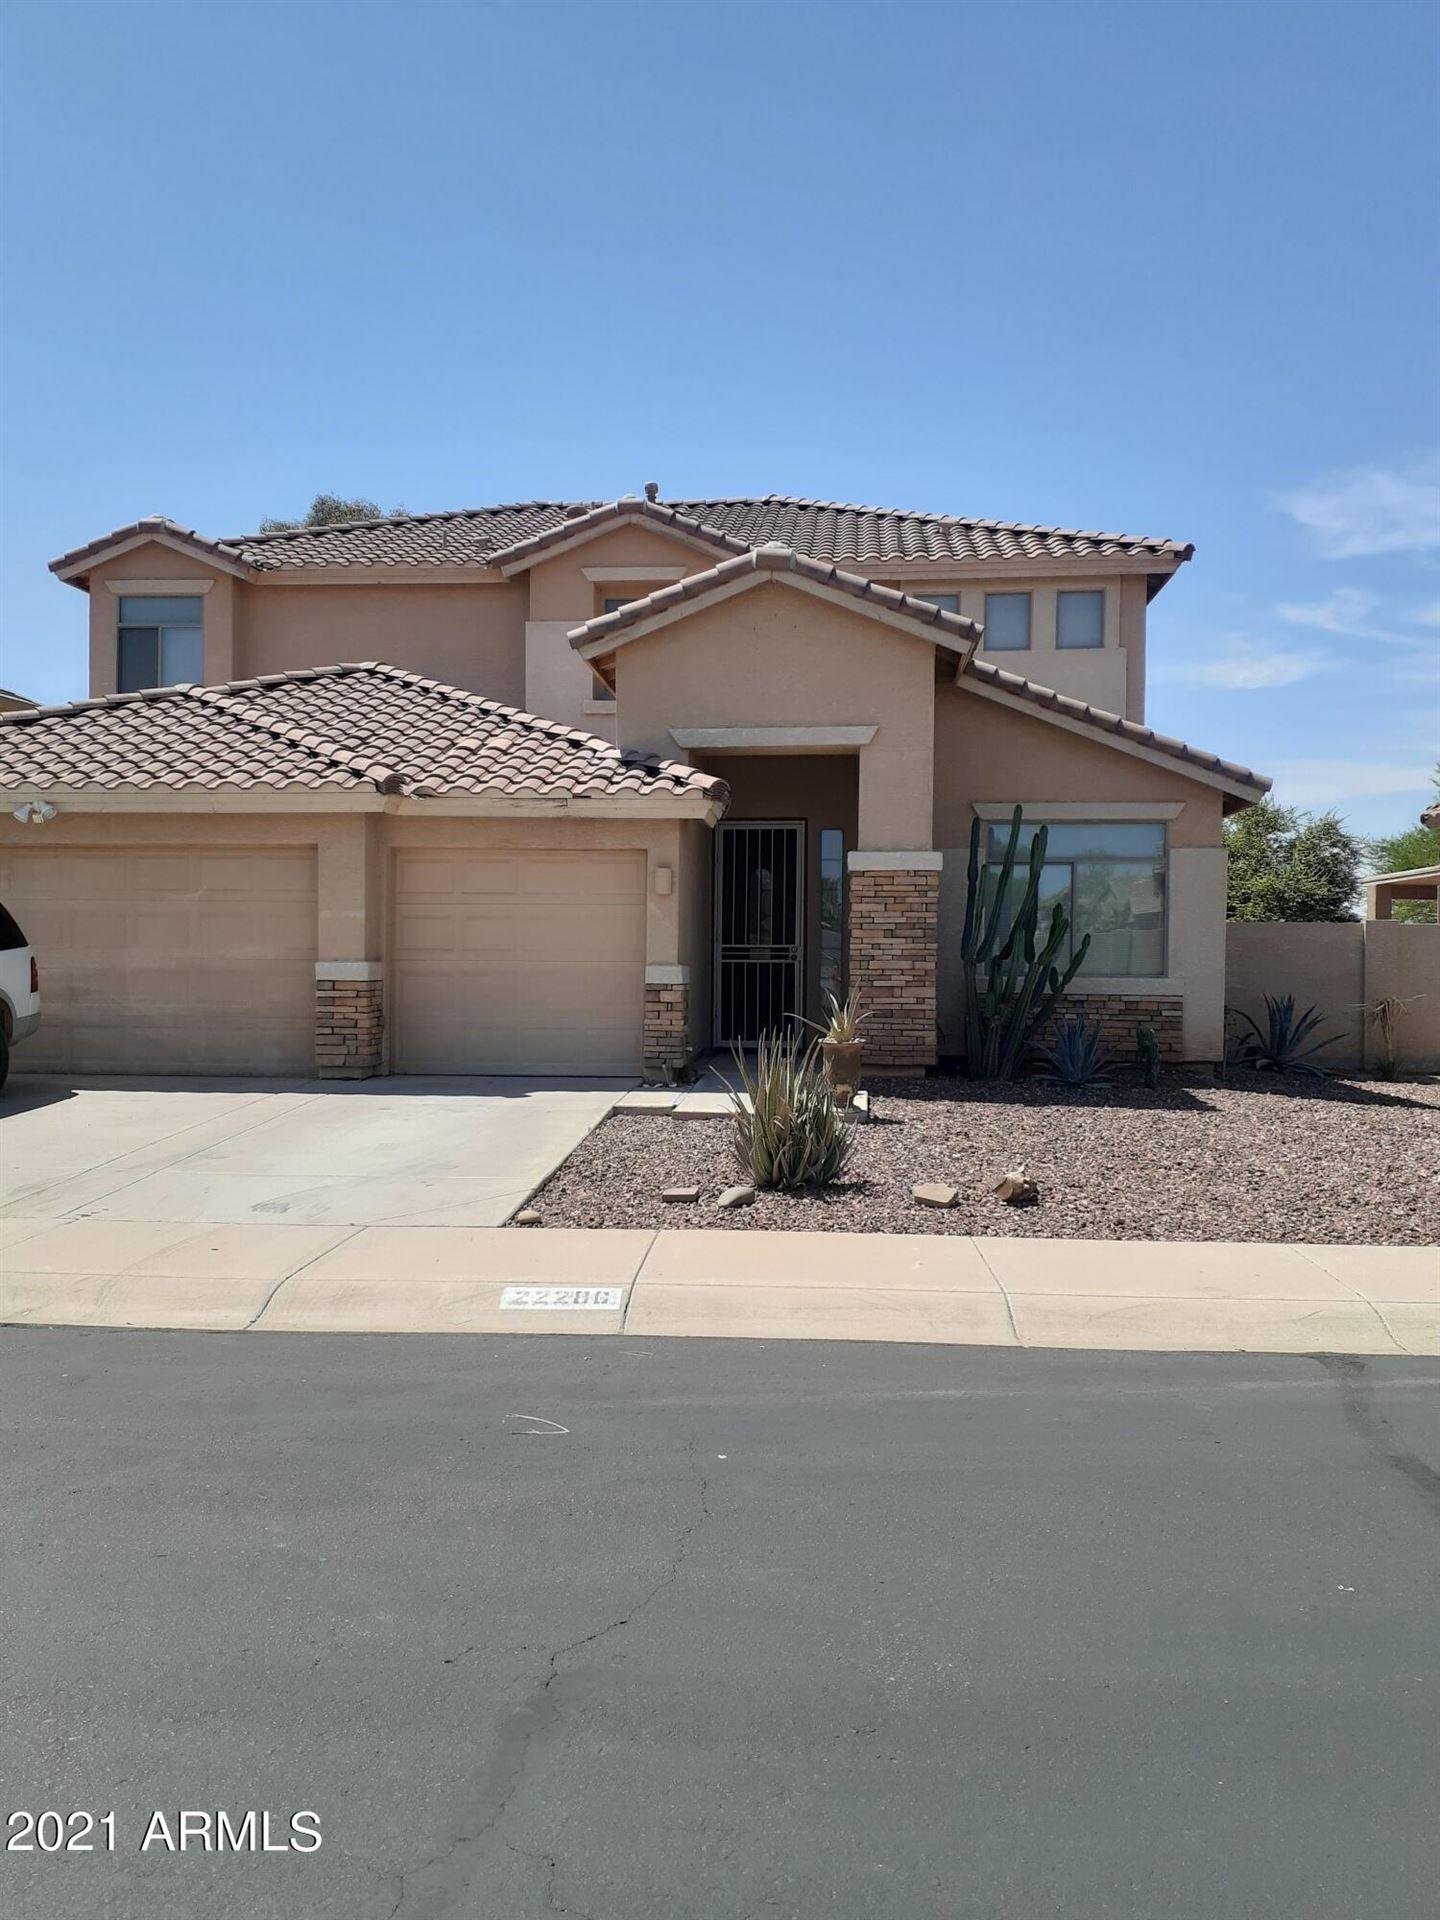 Photo for 22286 N BALBOA Drive, Maricopa, AZ 85138 (MLS # 6289516)